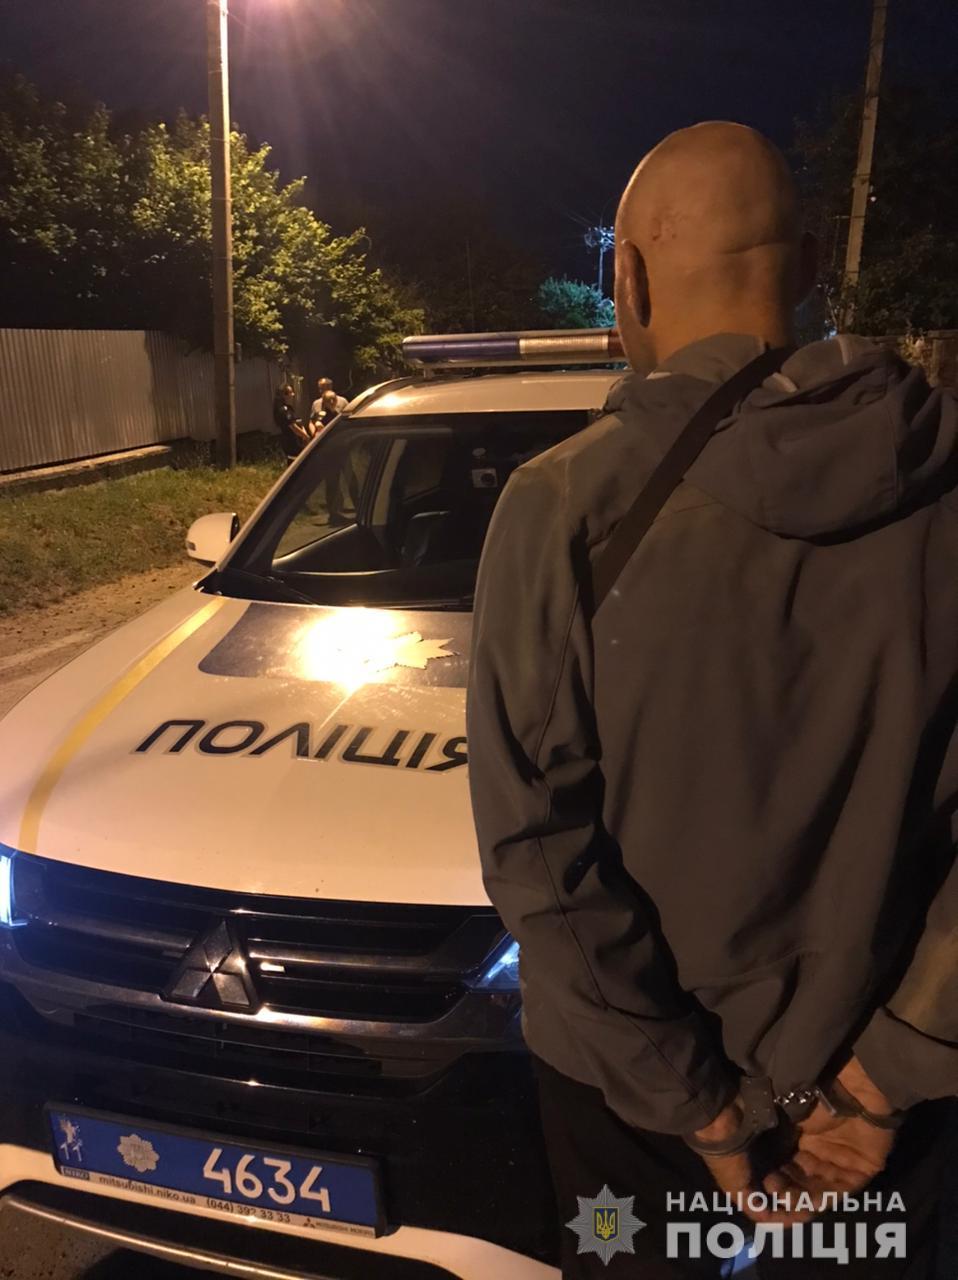 Сьогодні, 30 червня, після першої години ночі поліцейські Ужгорода отримали повідомлення про крадіжку в провулку Ширавському.